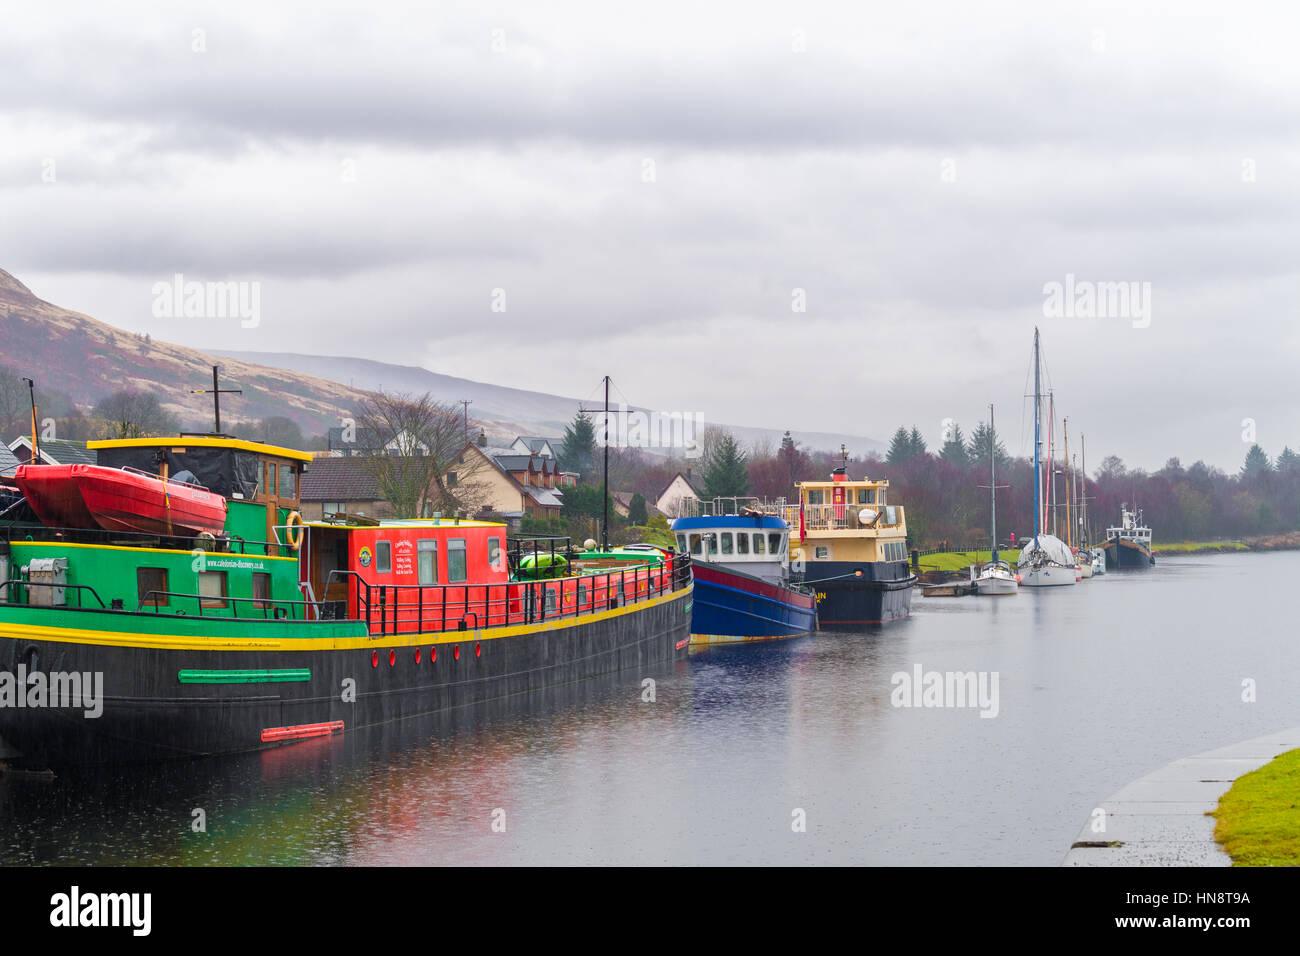 Caledonain canal at banavie on a rainy day. - Stock Image